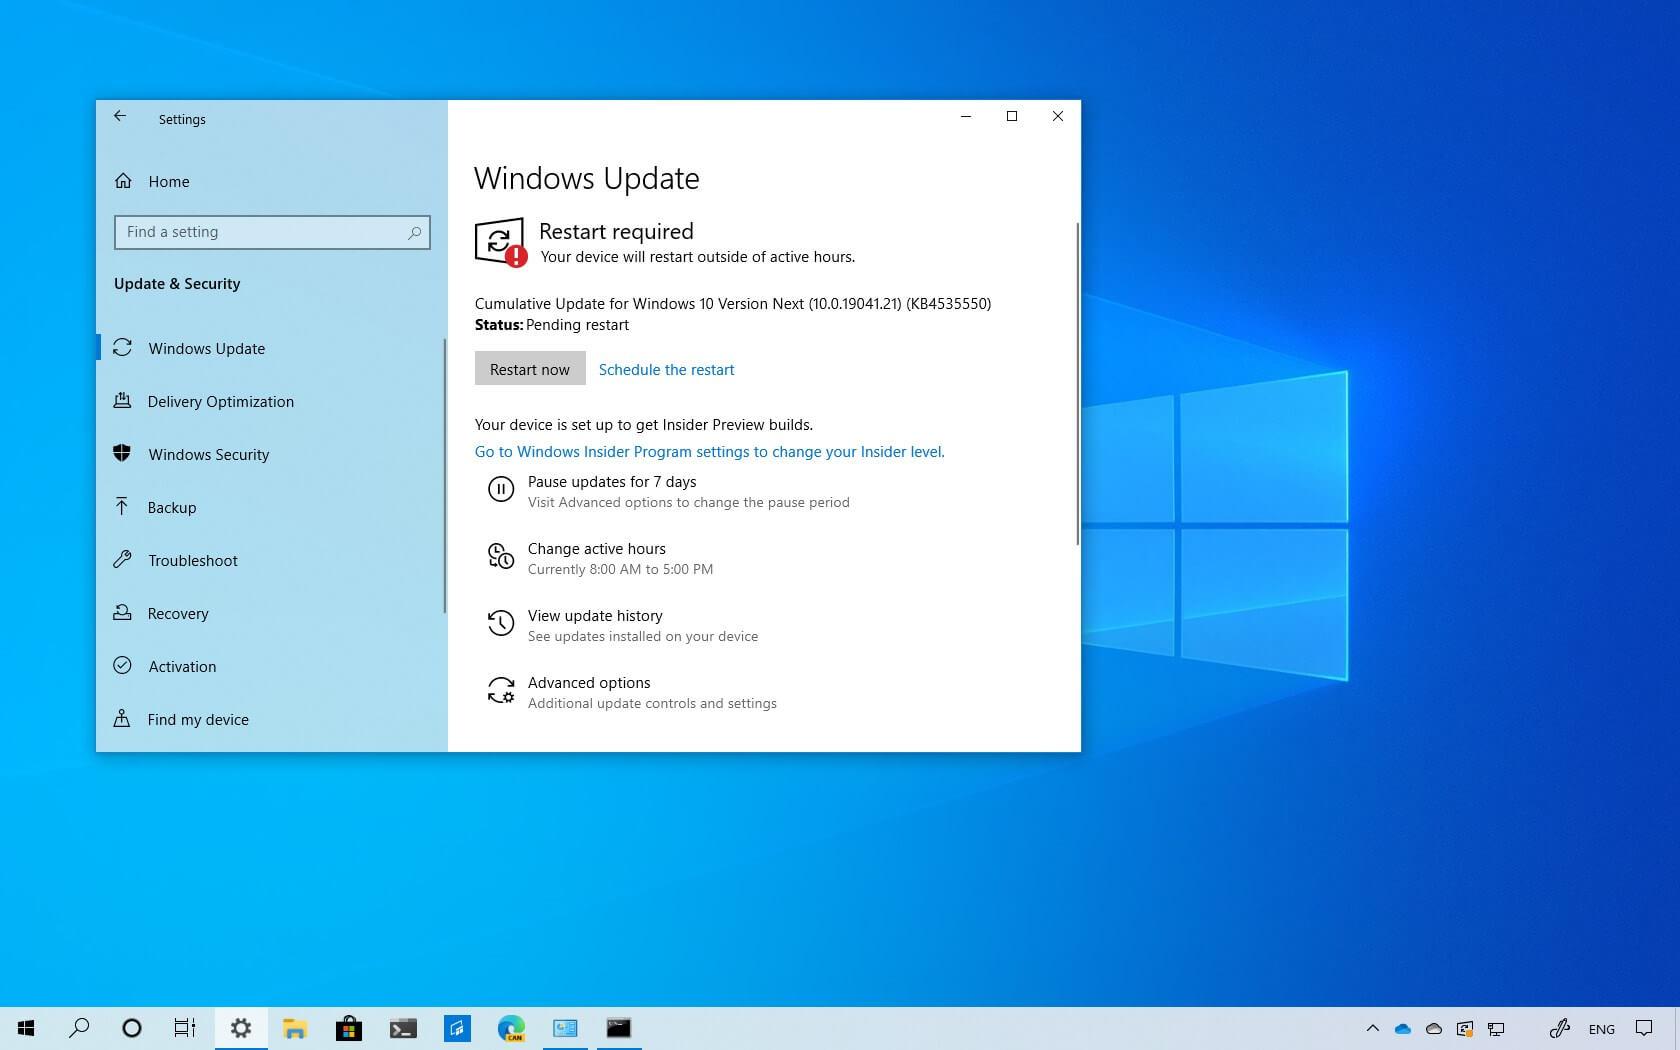 آیا لازم است همه بهروزرسانی هایی که برای ویندوز منتشر می شود را نصب کنیم؟